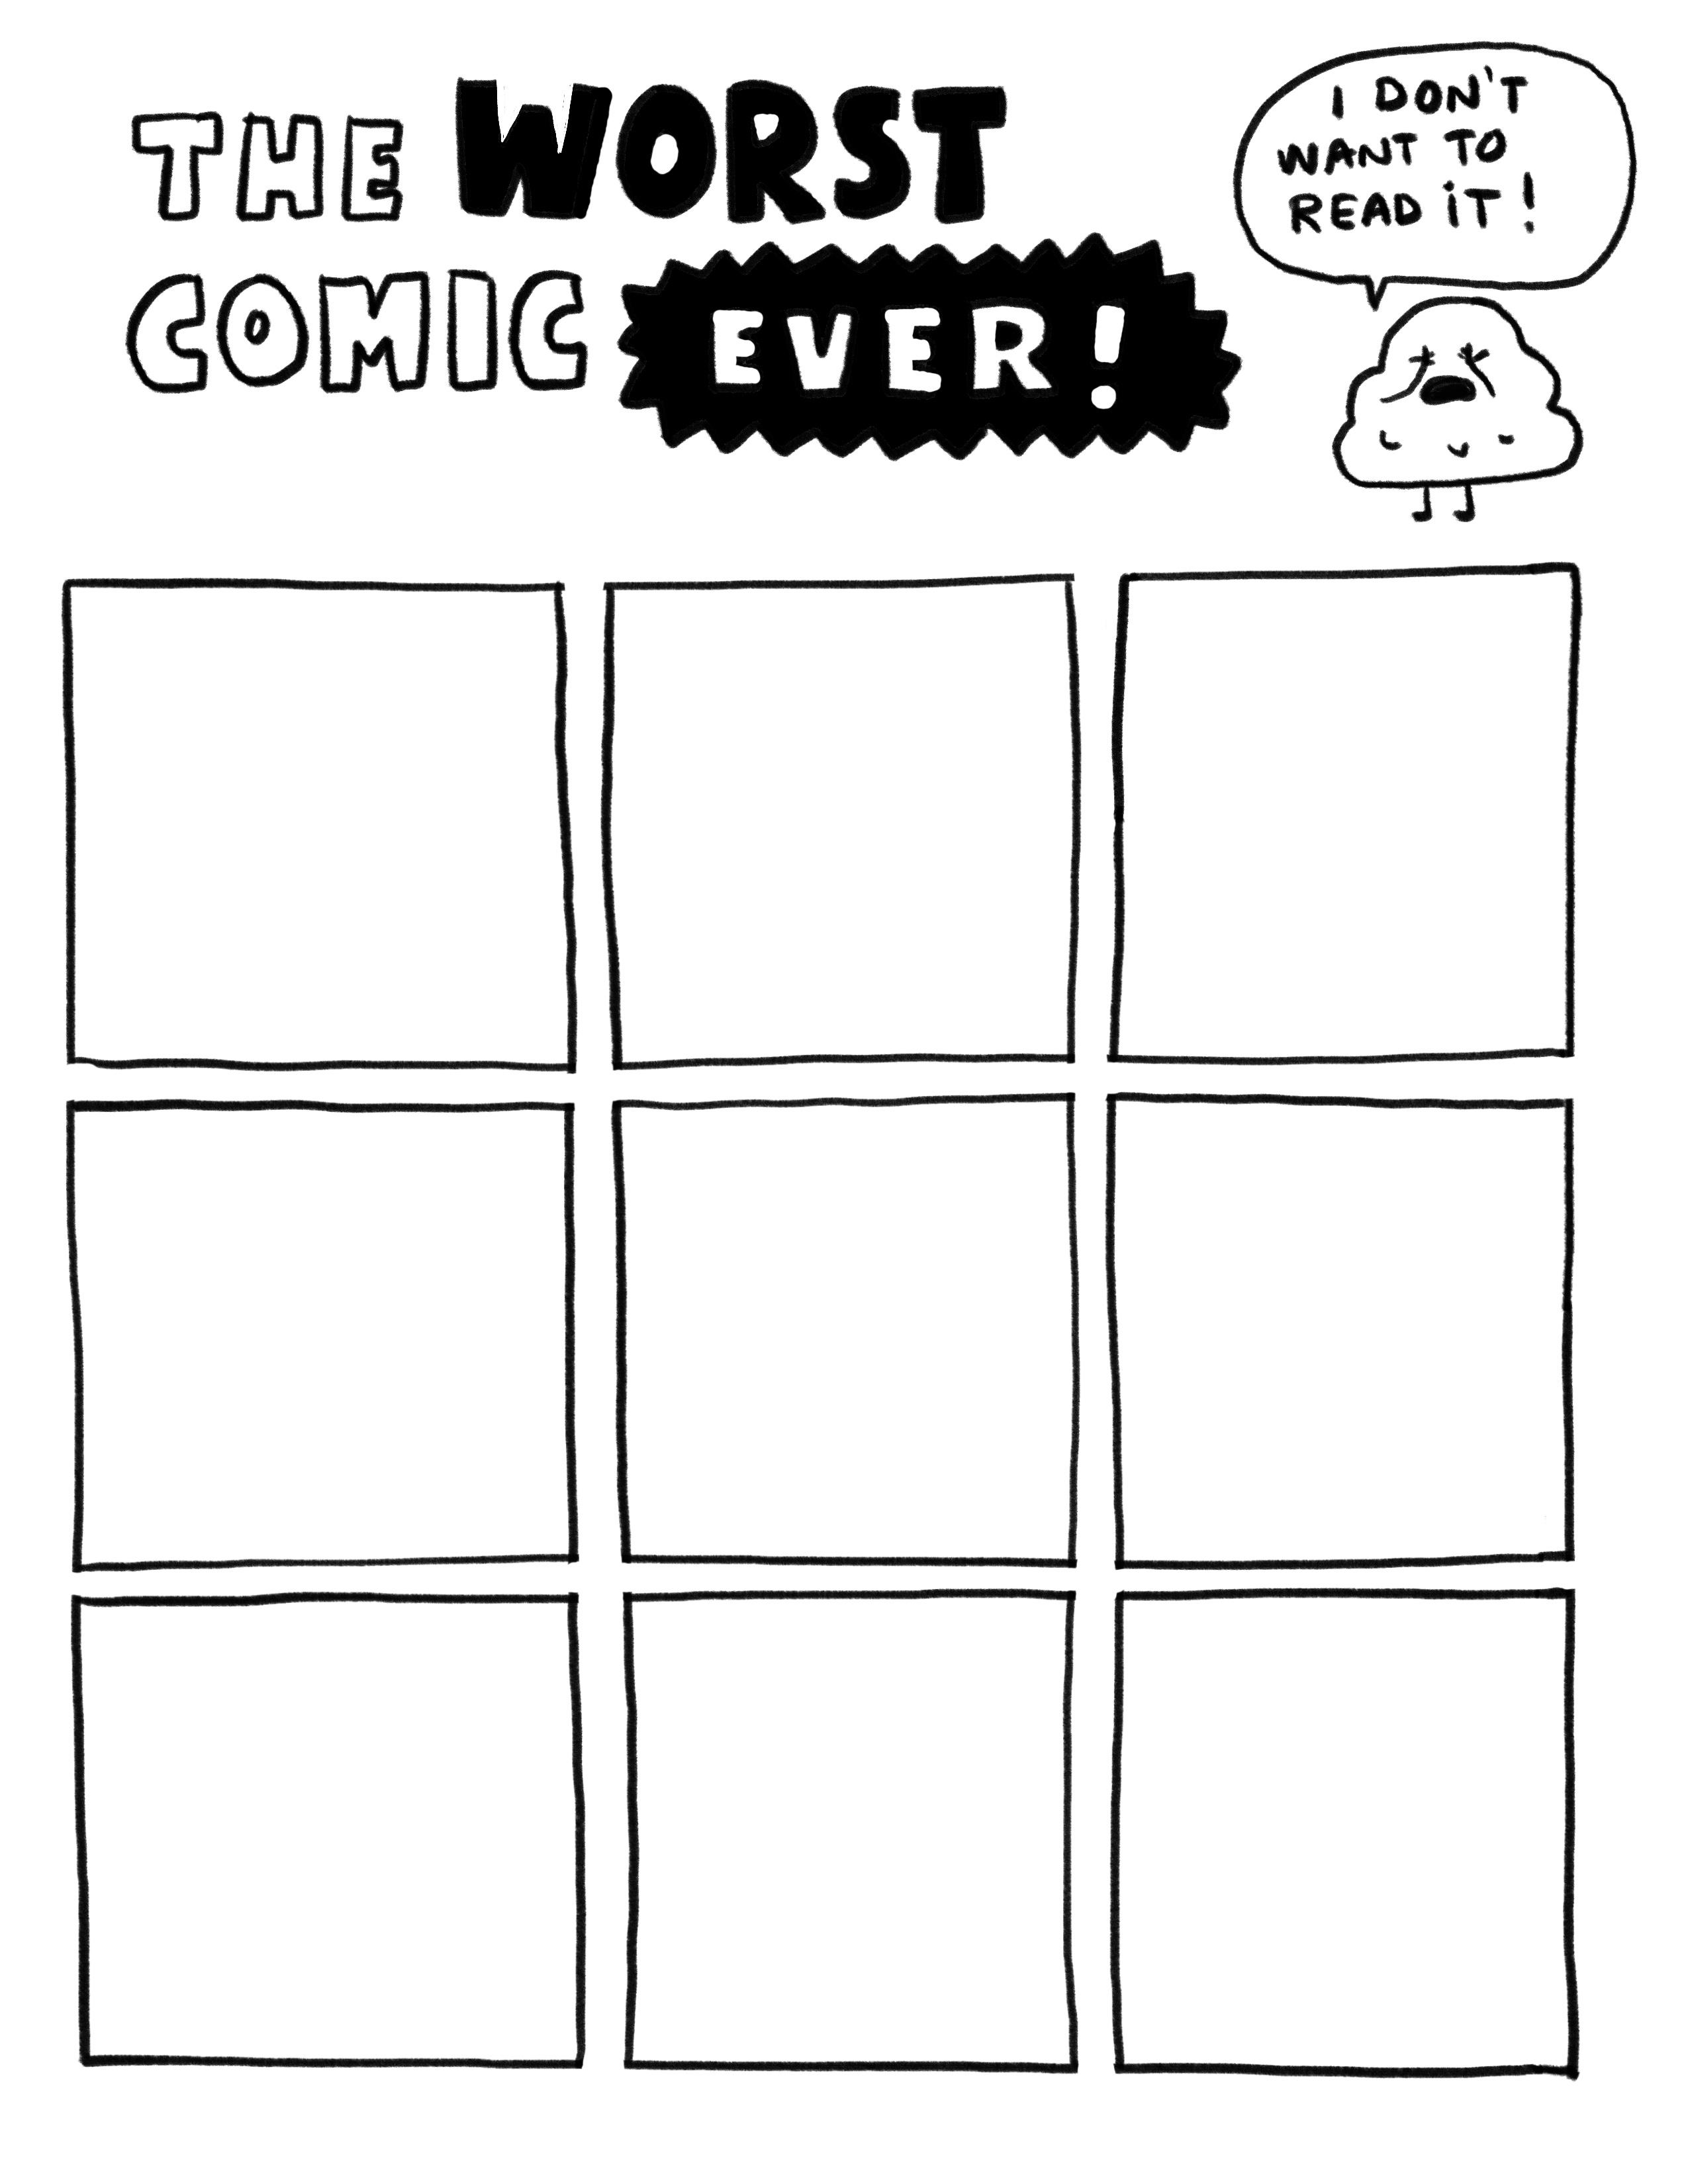 Worst comic